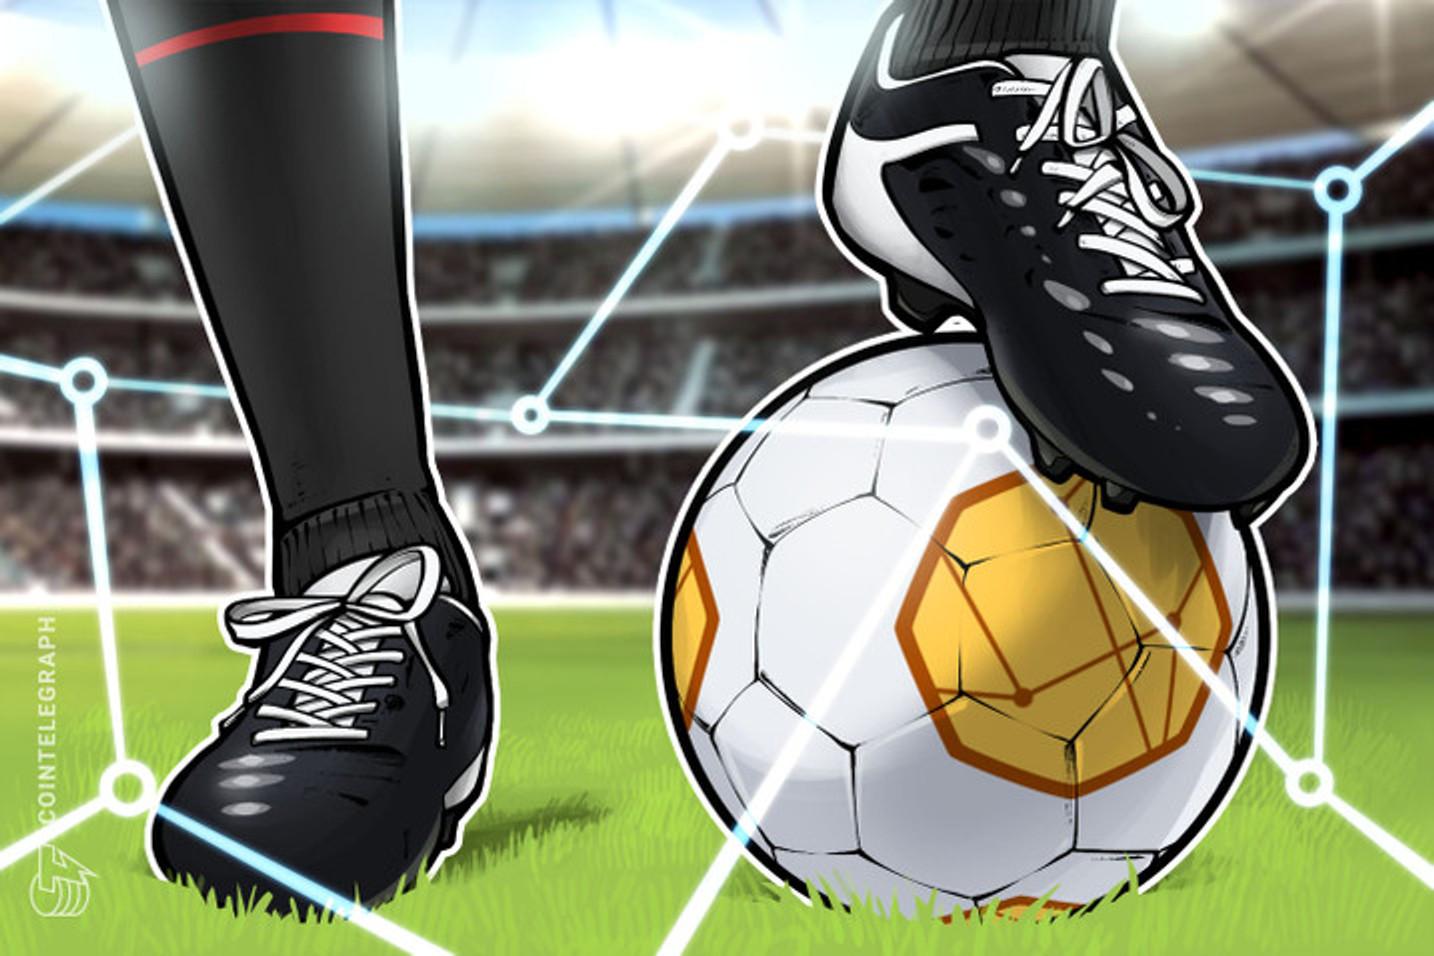 Deutsche Fußball-Bund bringt Blockchain-basierte digitale Sammelkarten auf Smartphones